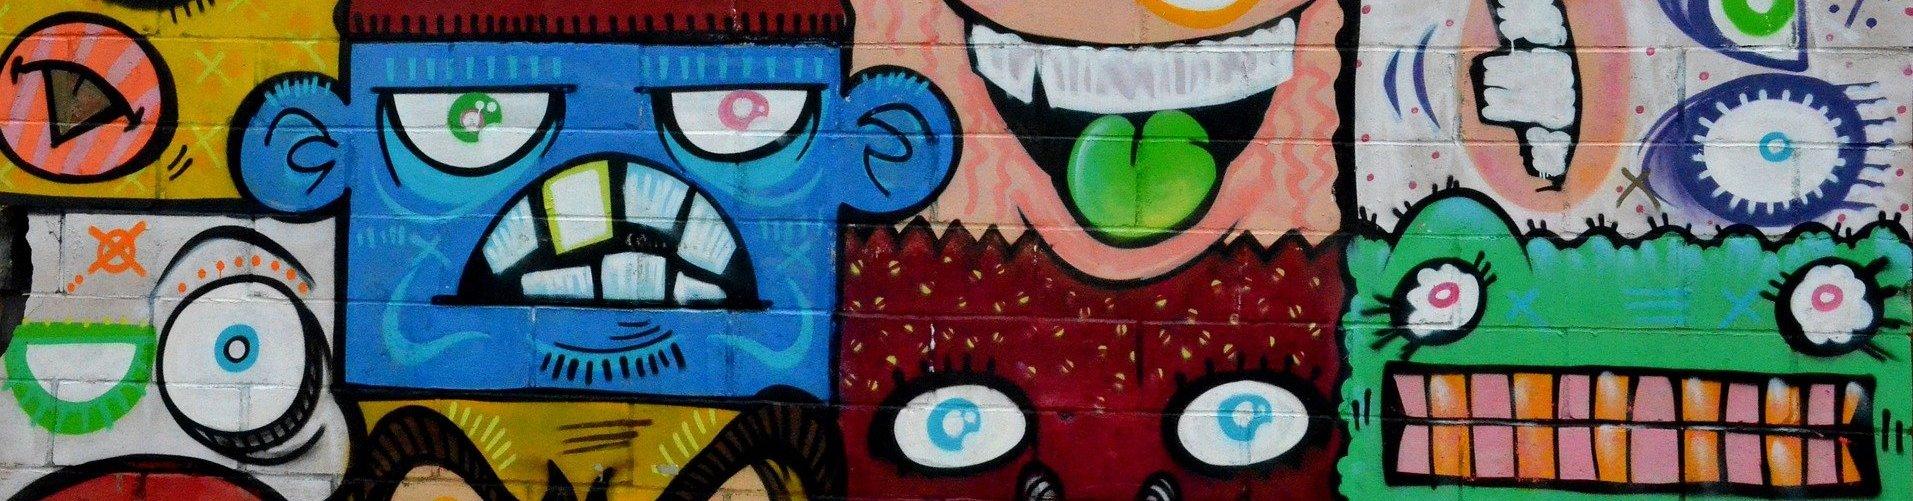 Wand mit Graffiti-Köpfen